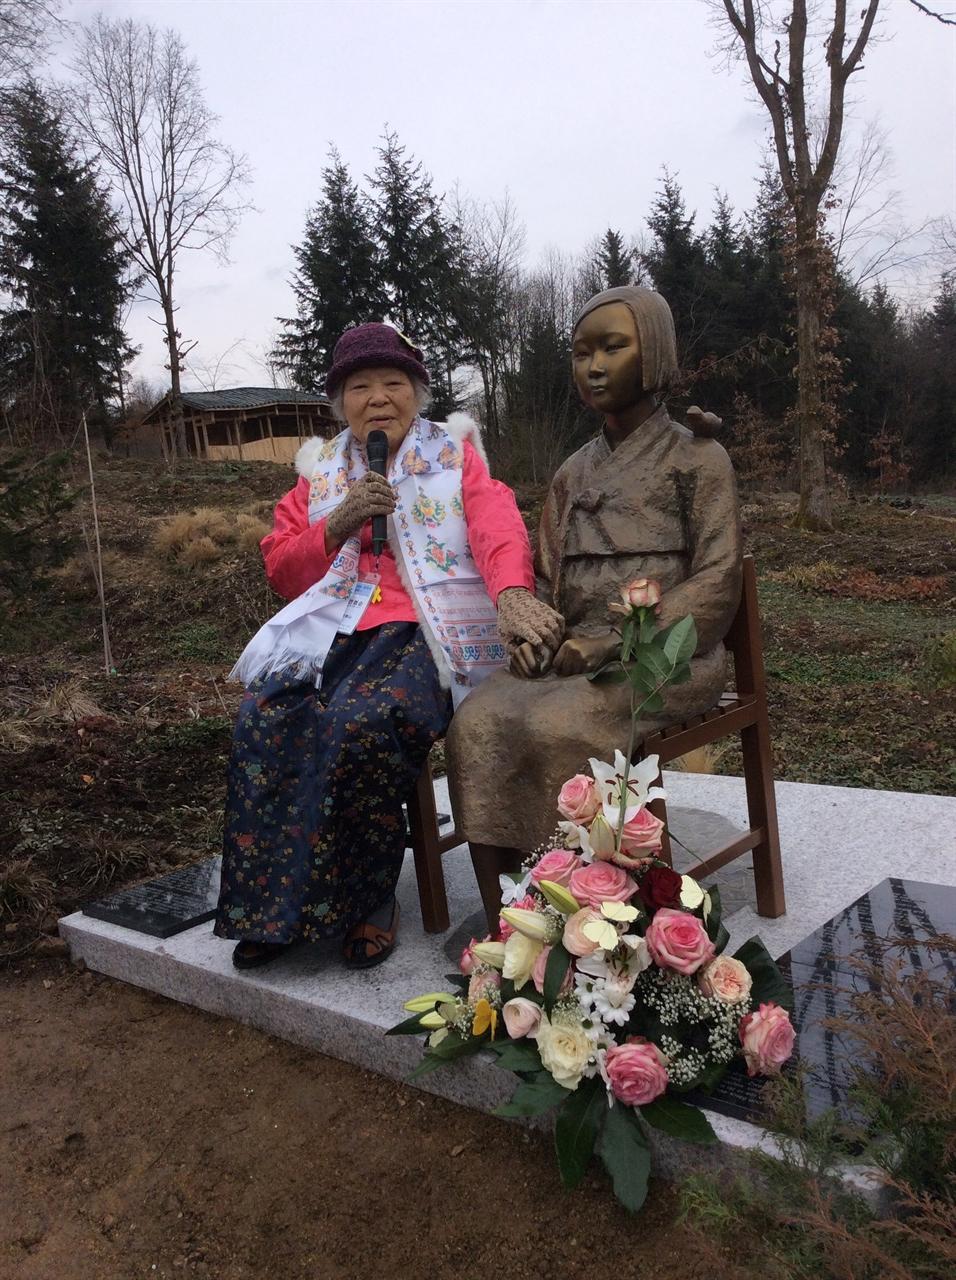 독일 비젠트시 네팔 히말라야 공원에 세워진 소녀상 개막식의 안점순 할머니 현재 독일에는 비젠트시 네팔 히말라야 공원과 프랑크푸르트 라인마인 한인 교회에 소녀상이 설립되어있다. 작년 최초로 독일 역사교과서에 일본군 위안부 문제가 언급되며 독일 최초 '평화의 소녀상 사진'도 함께 실렸다.